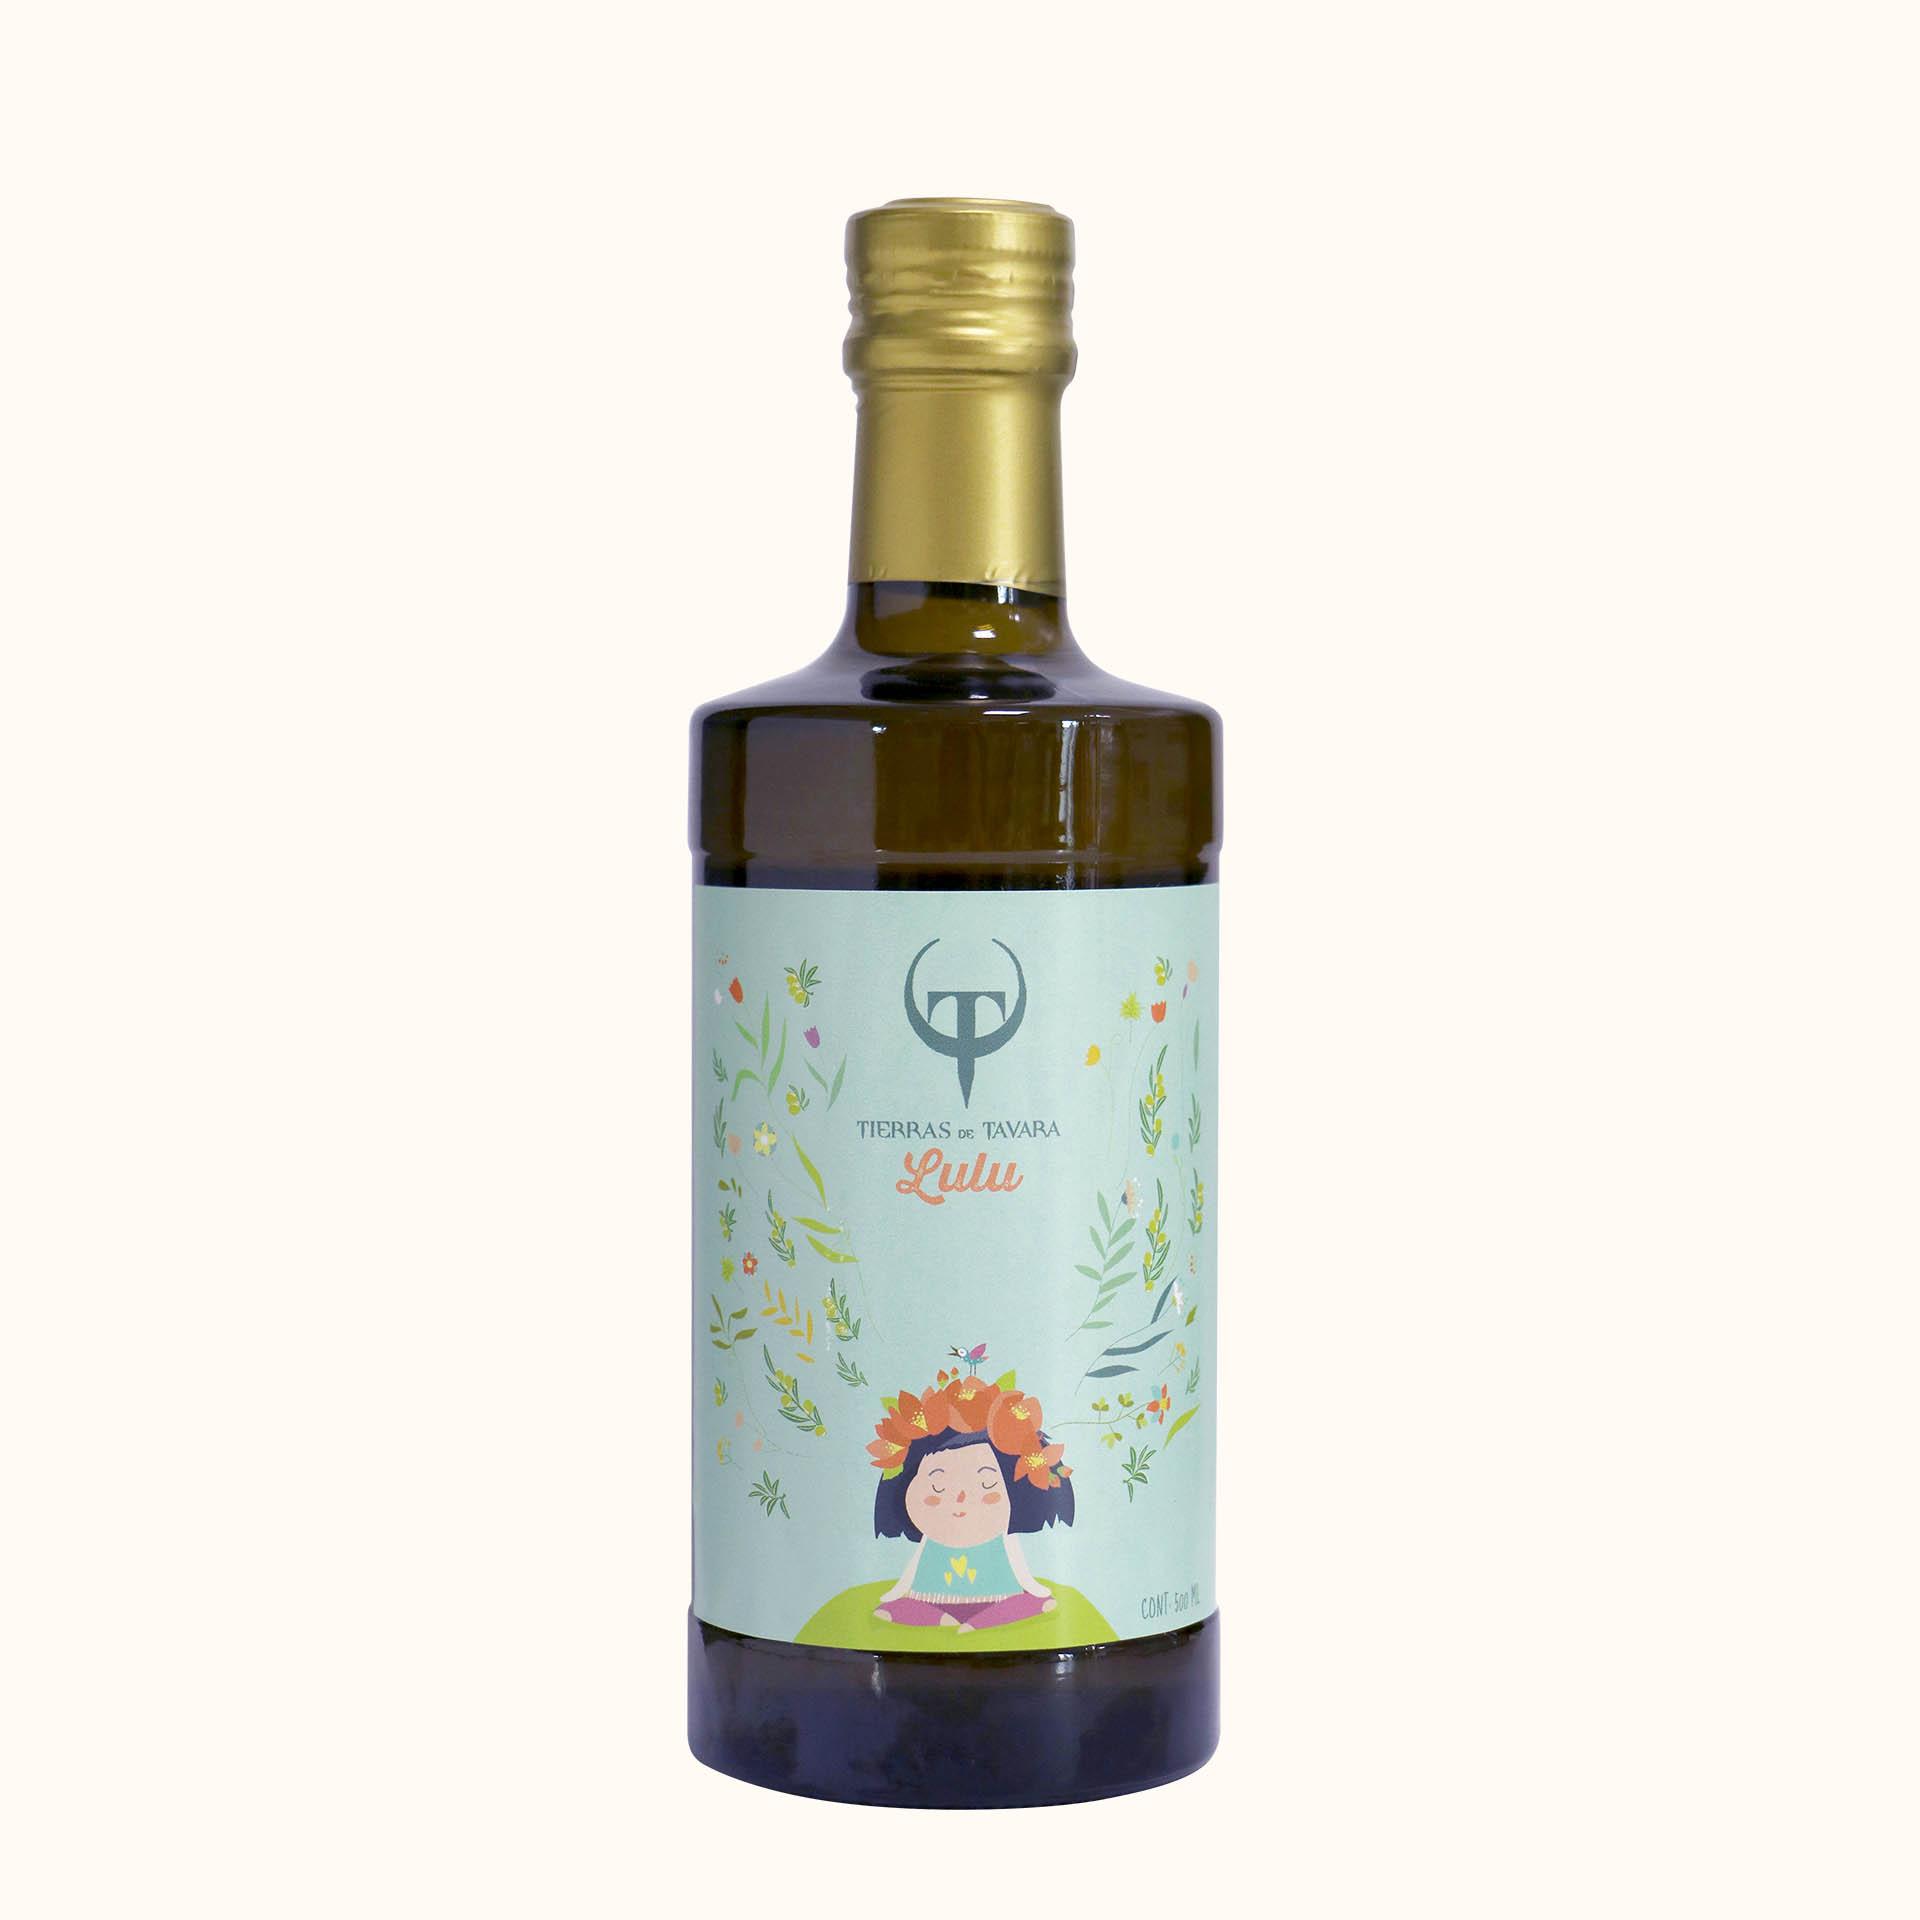 Lulus 頂級初榨橄欖油 250ml